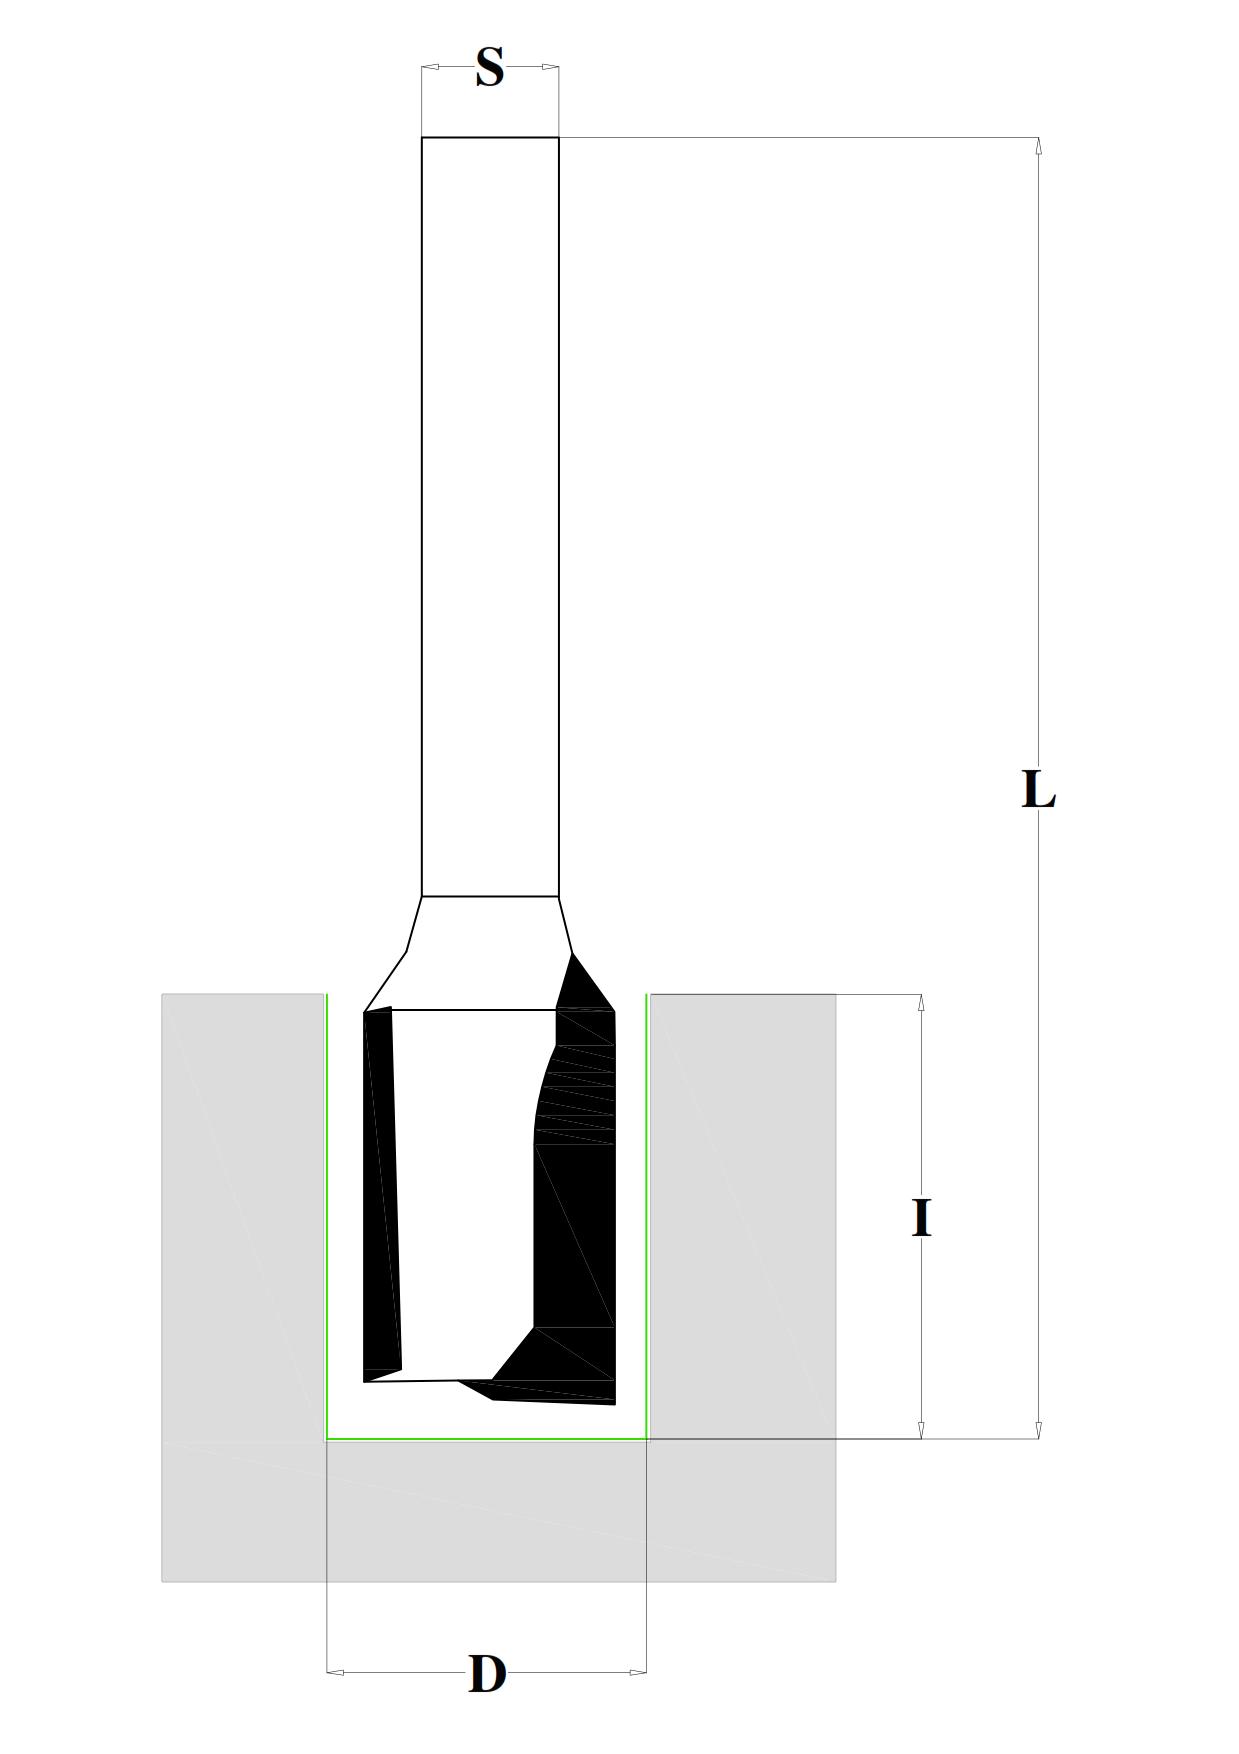 Fraiser FR.106 - Router cutters HW - technical design